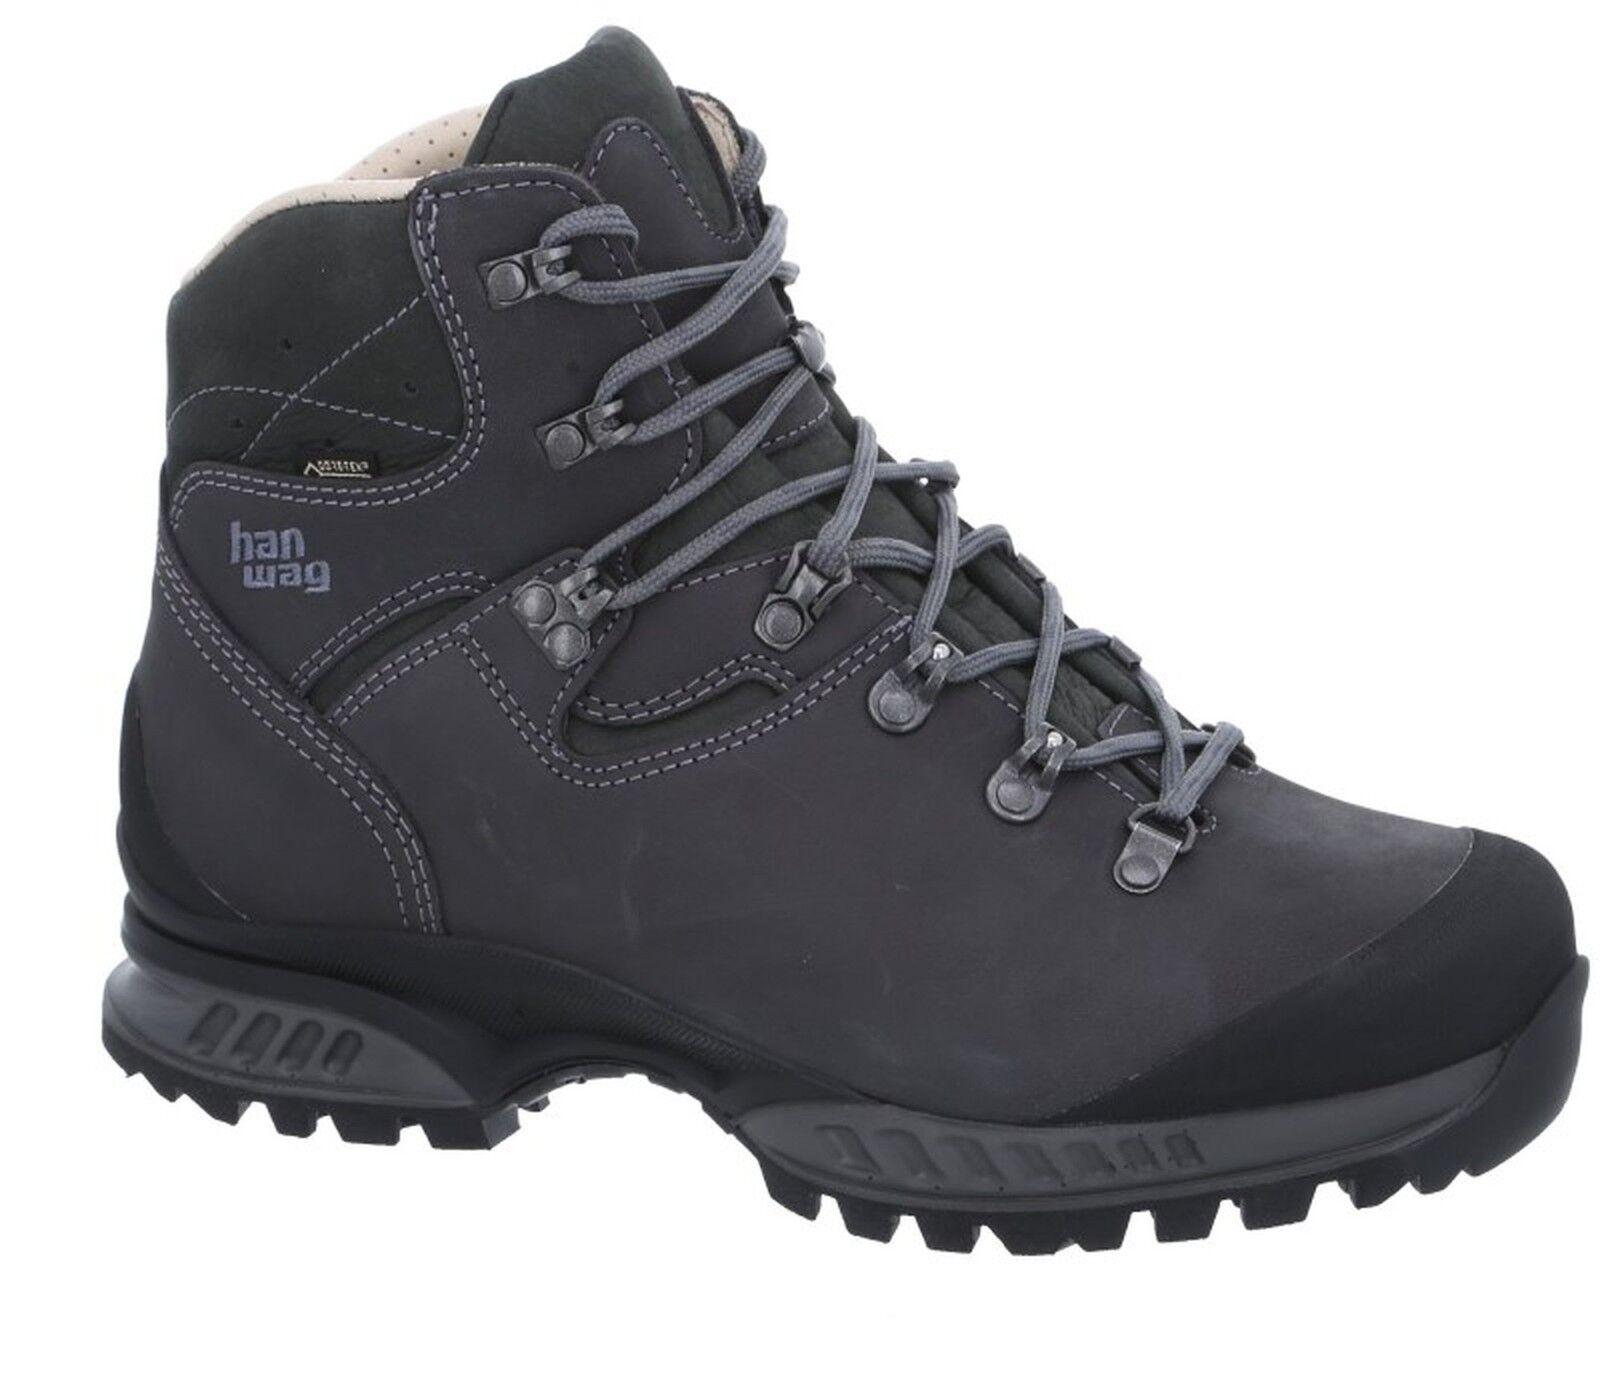 Hanwag montaña zapatos Tatra II GTX tamaño 10 - 44,5 asfalto